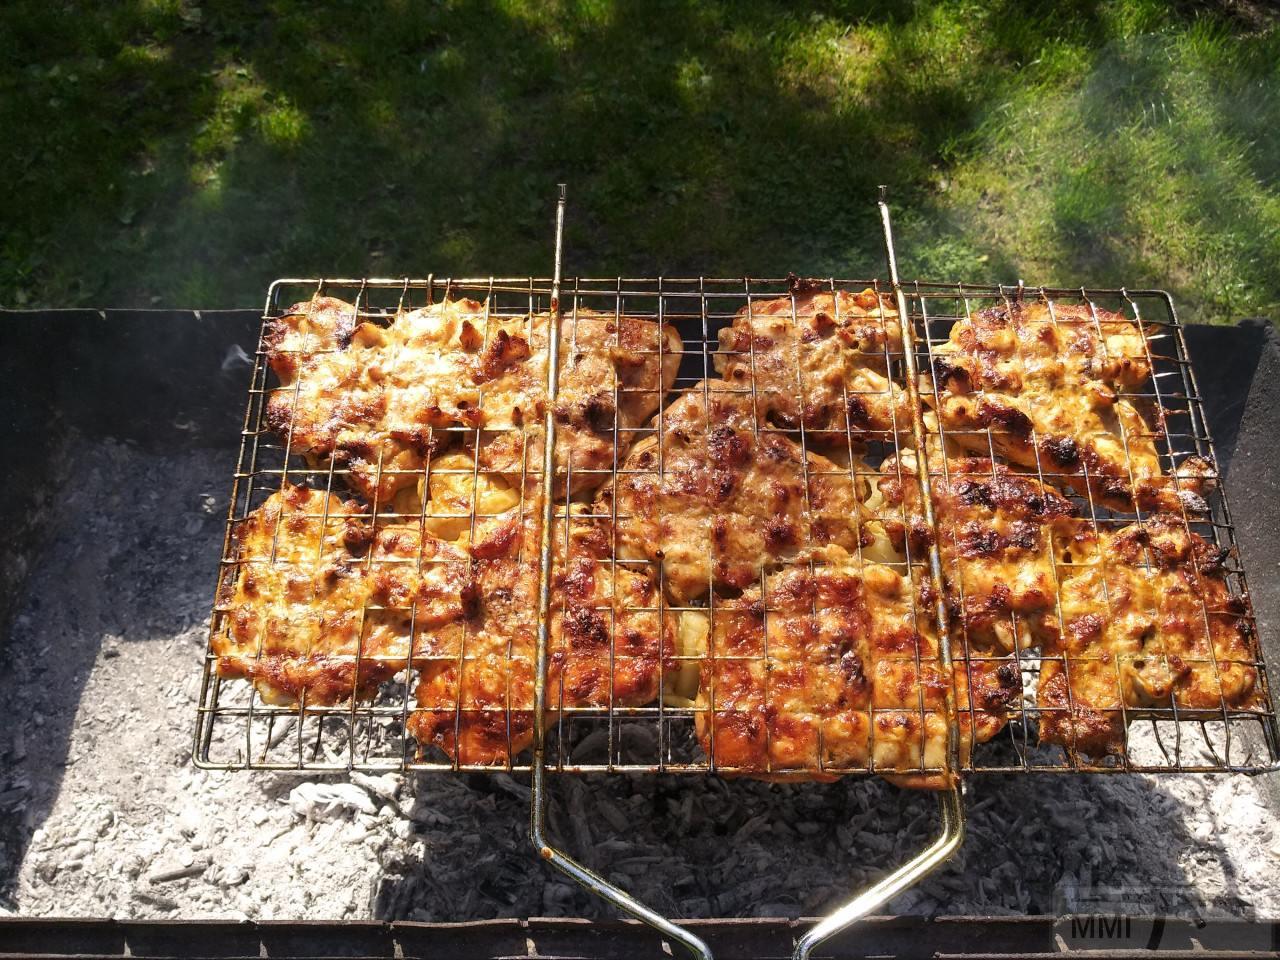 105080 - Закуски на огне (мангал, барбекю и т.д.) и кулинария вообще. Советы и рецепты.